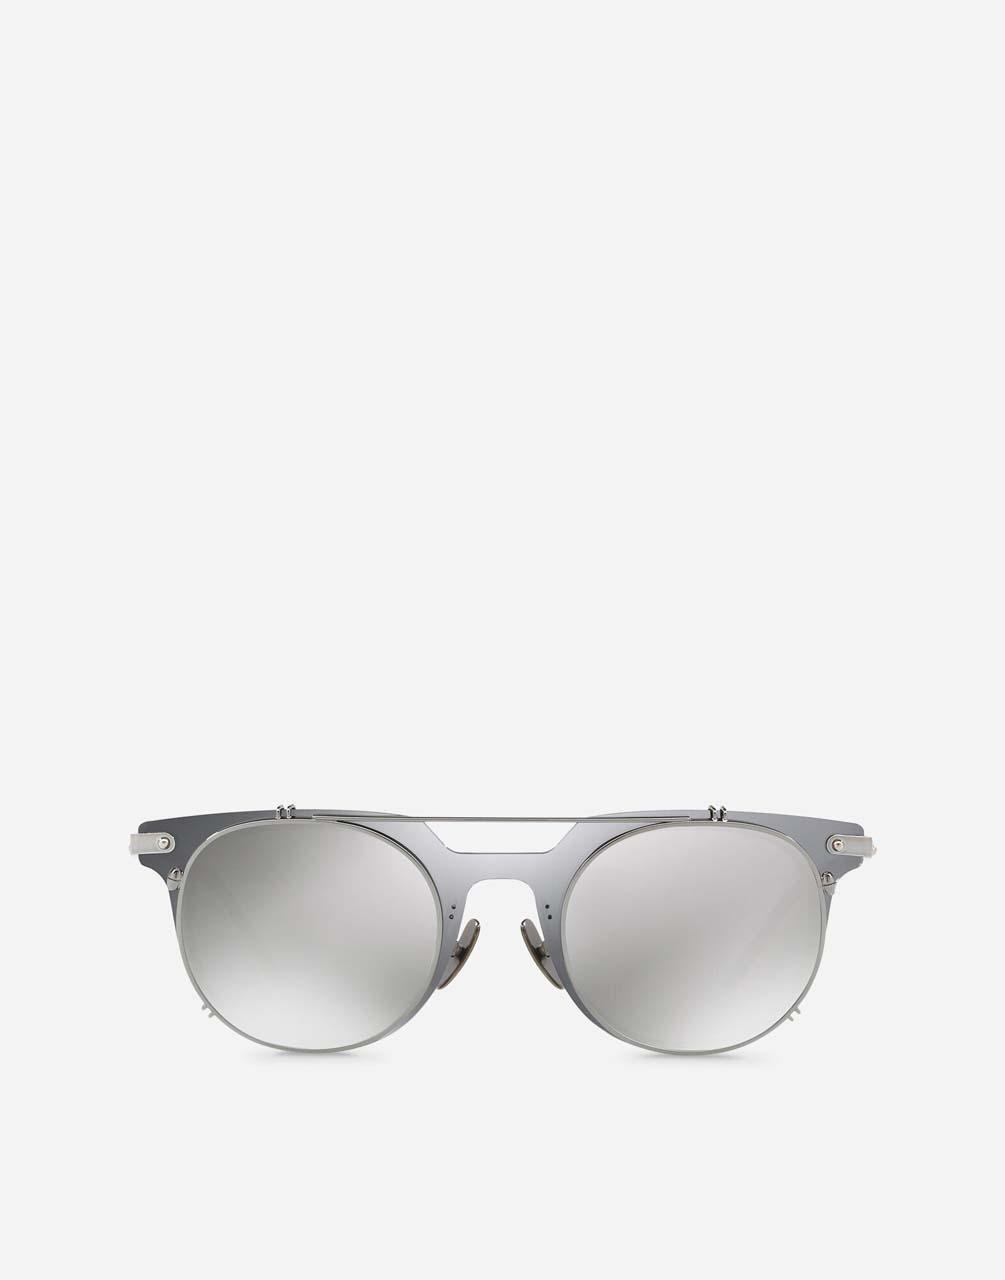 _DolceGabbanna Sunglasses_1